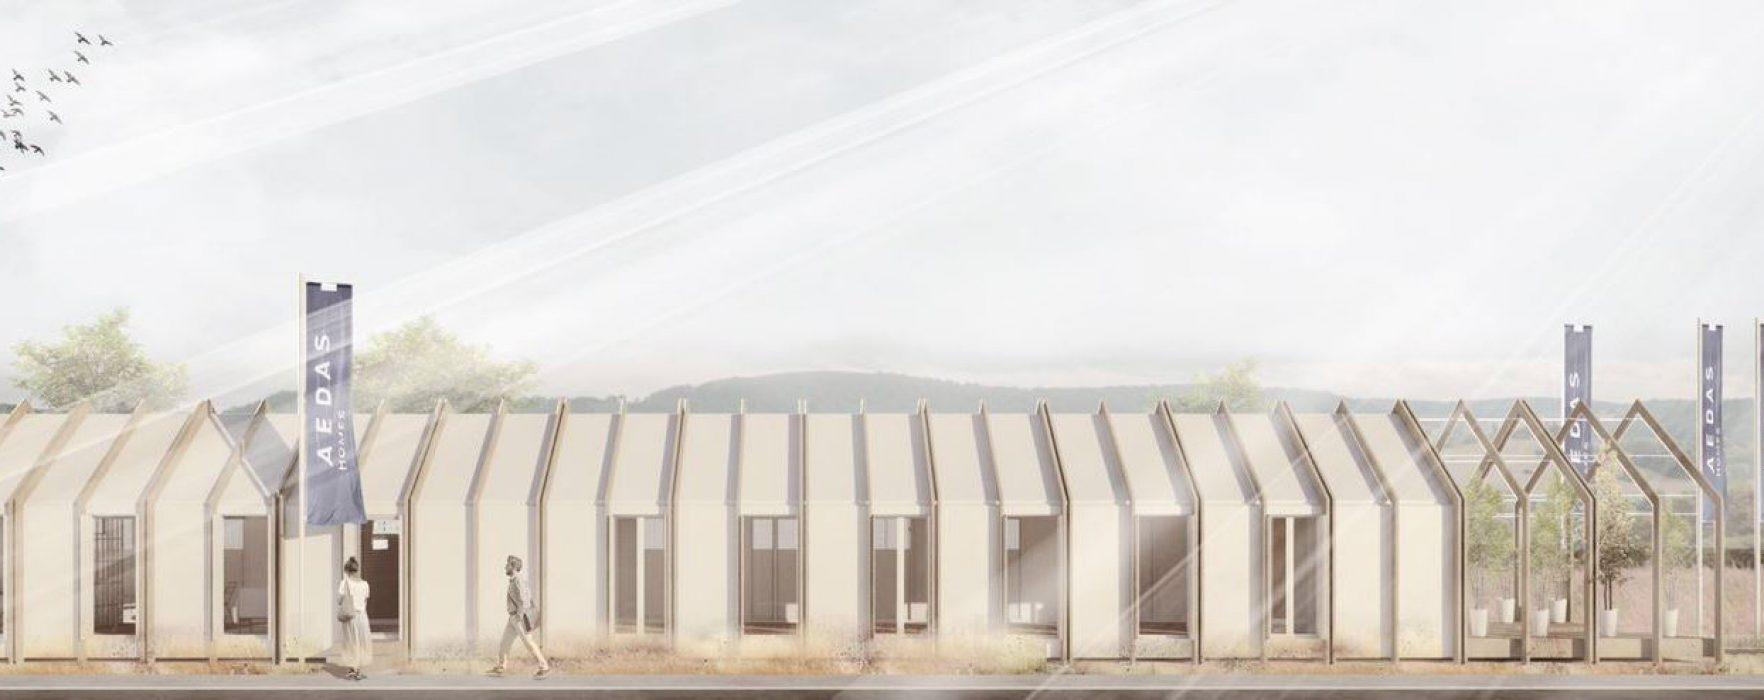 Origen, el 'show office' de AEDAS Homes, una nueva experiencia de cliente